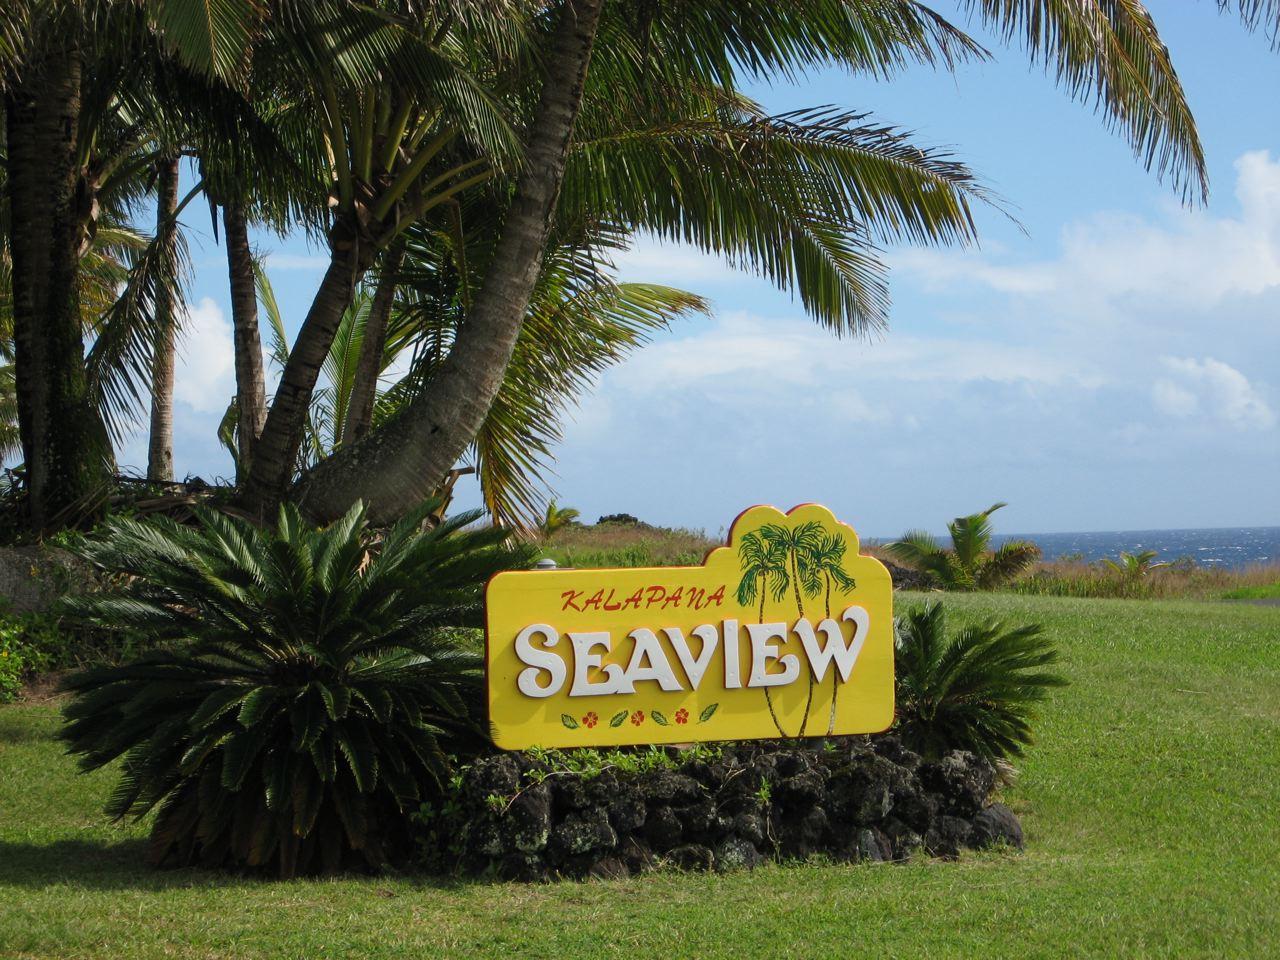 Kalapana seaview